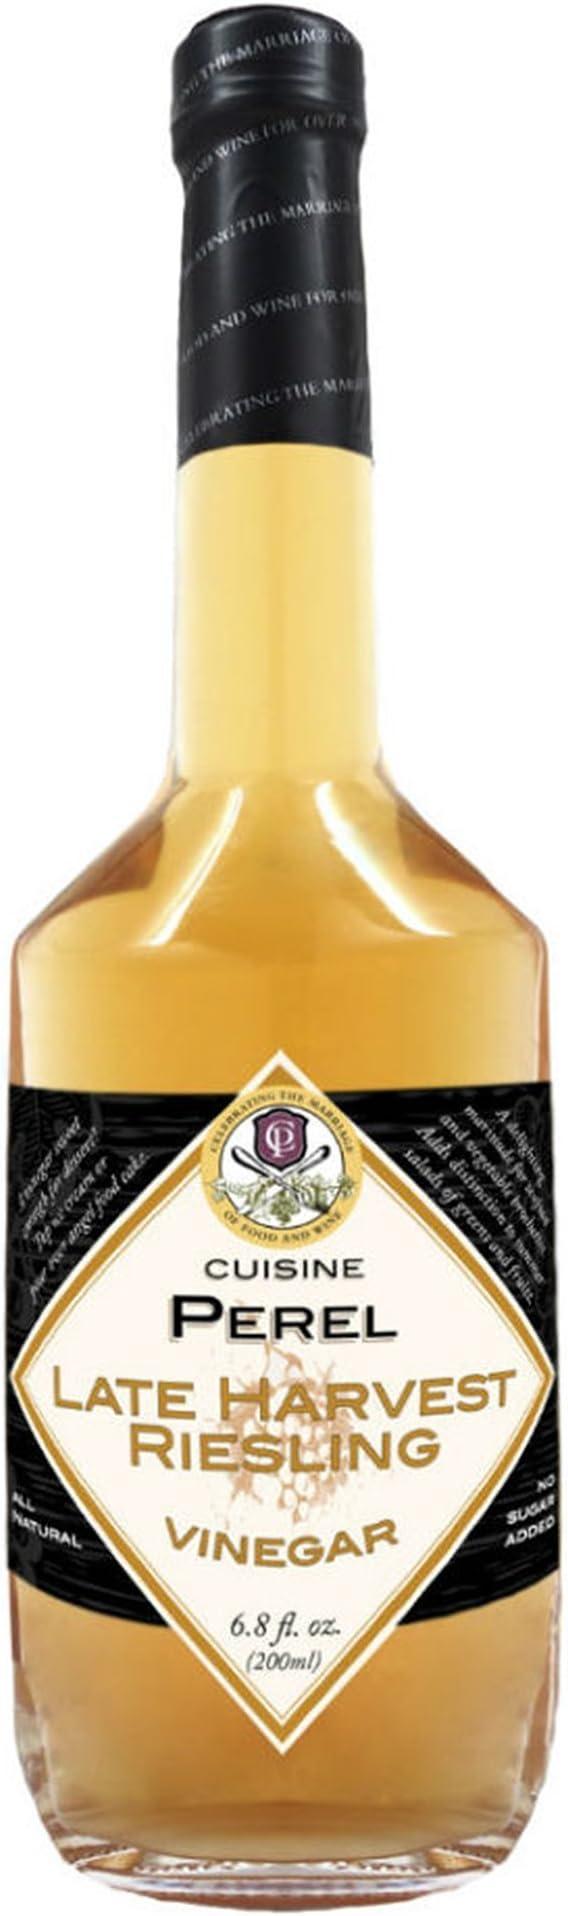 Cuisine Perel Late Harvest Riesling Vinegar